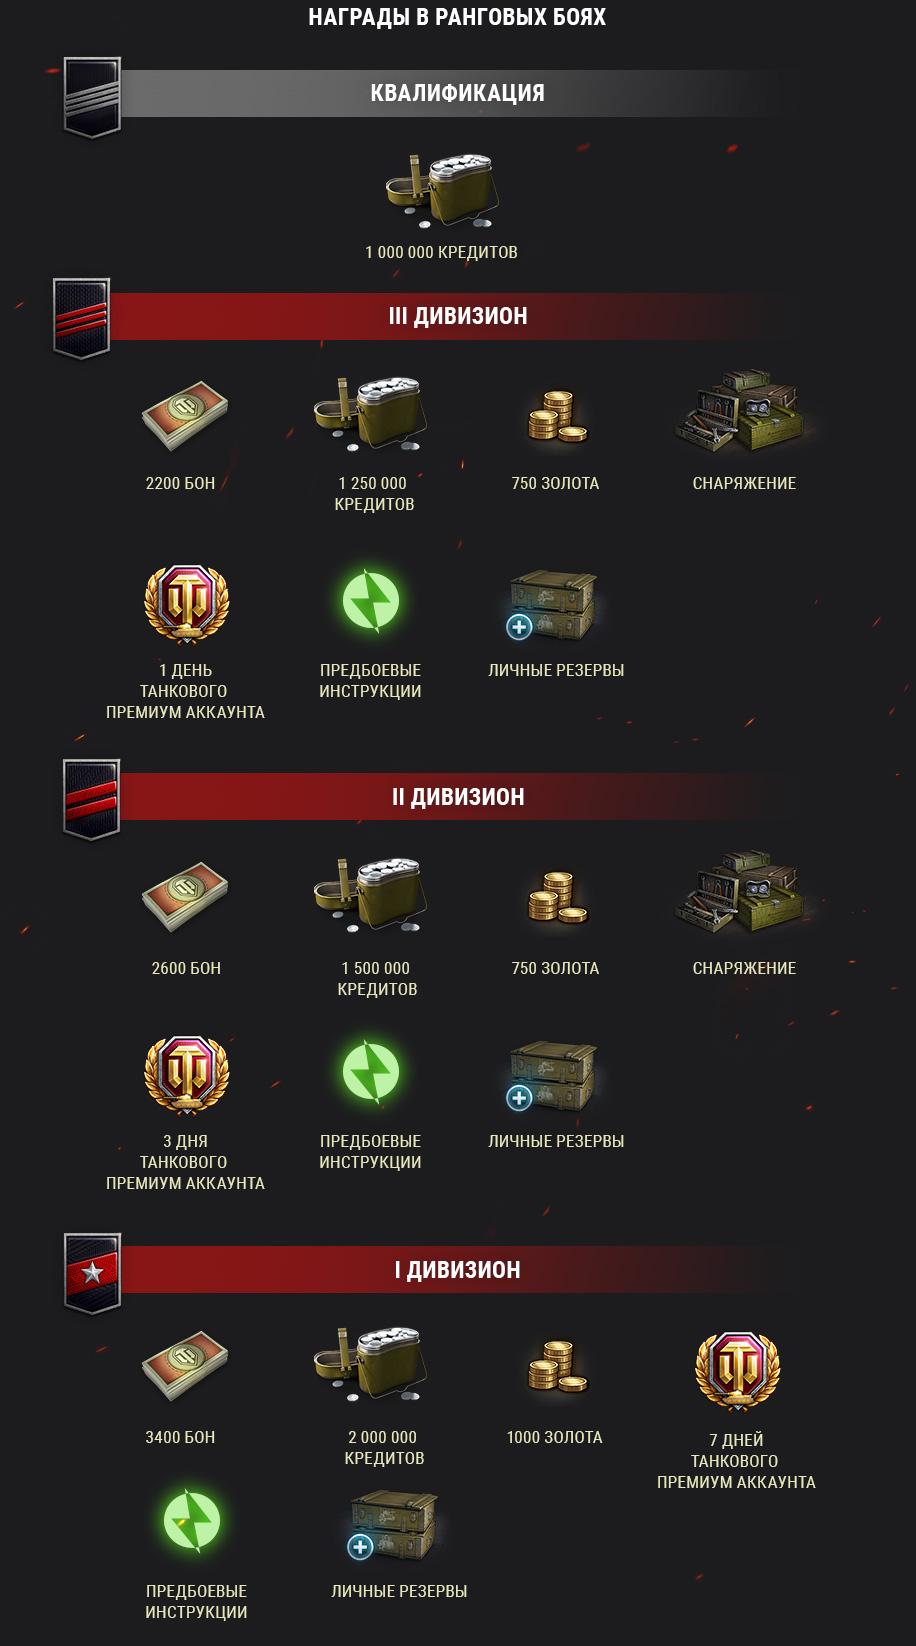 награды ранговых боёв 2020-2021